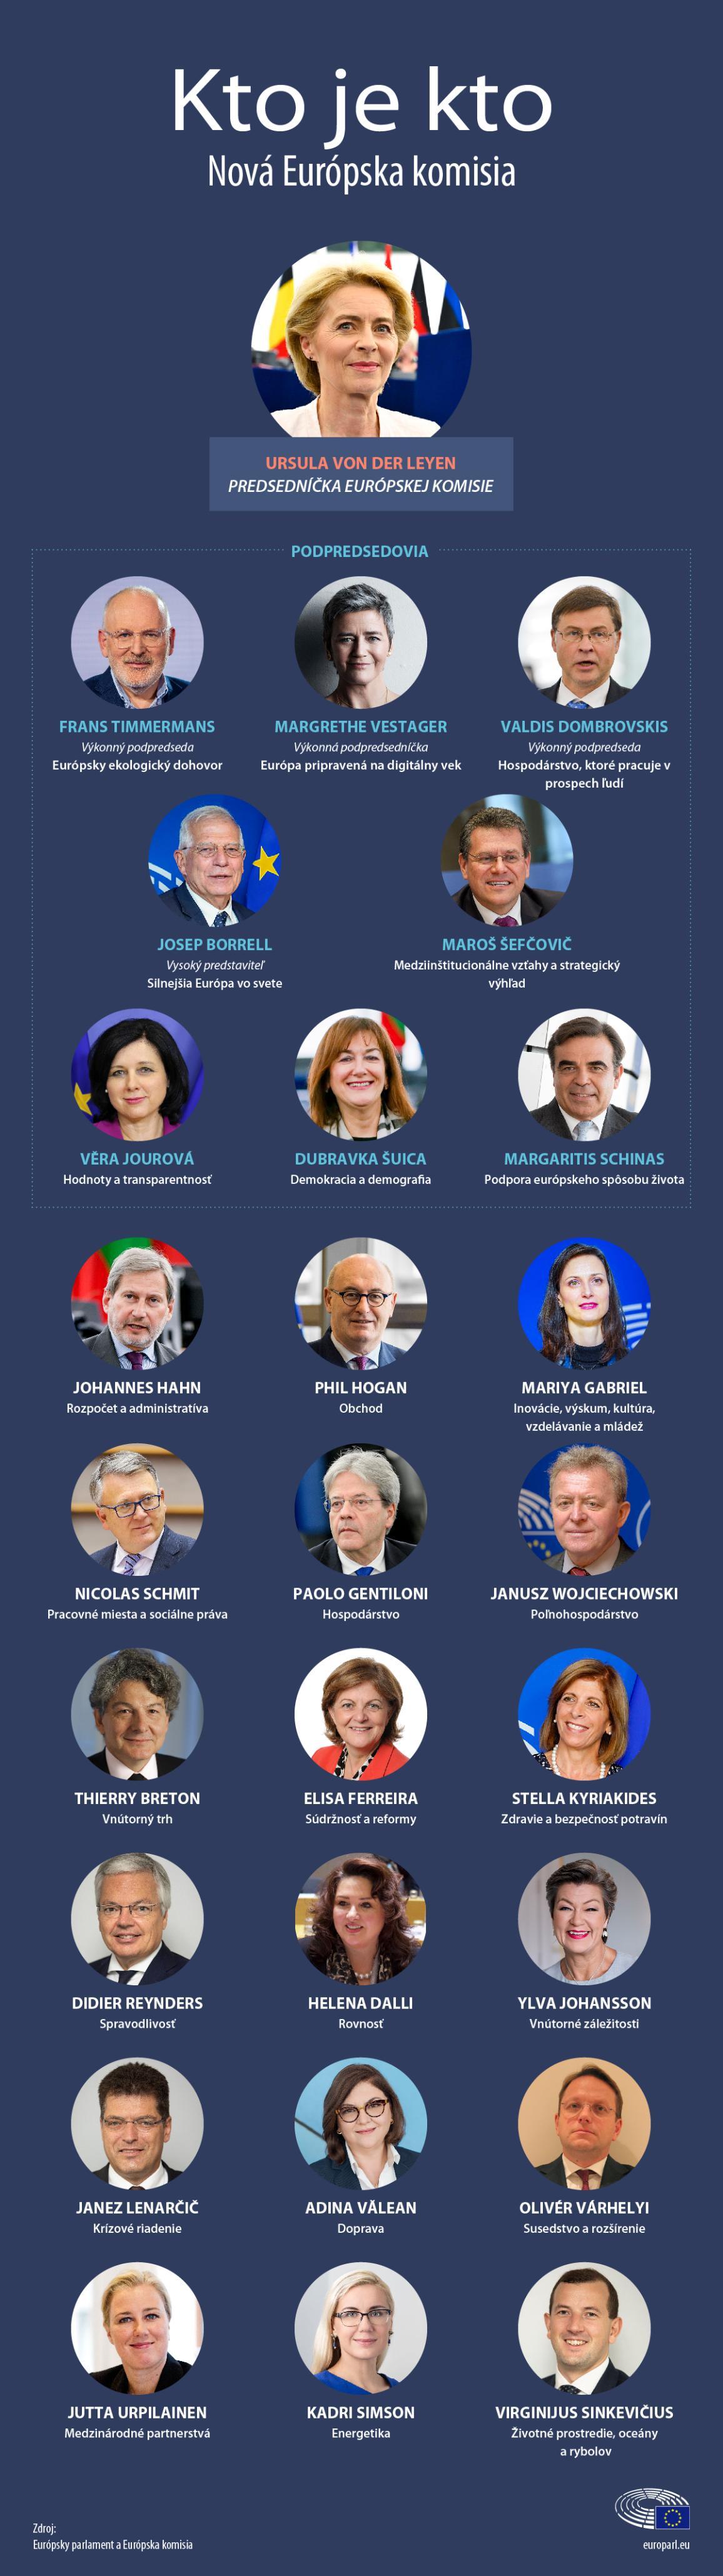 Infografika: portréty komisárov a komisárov s portfóliami